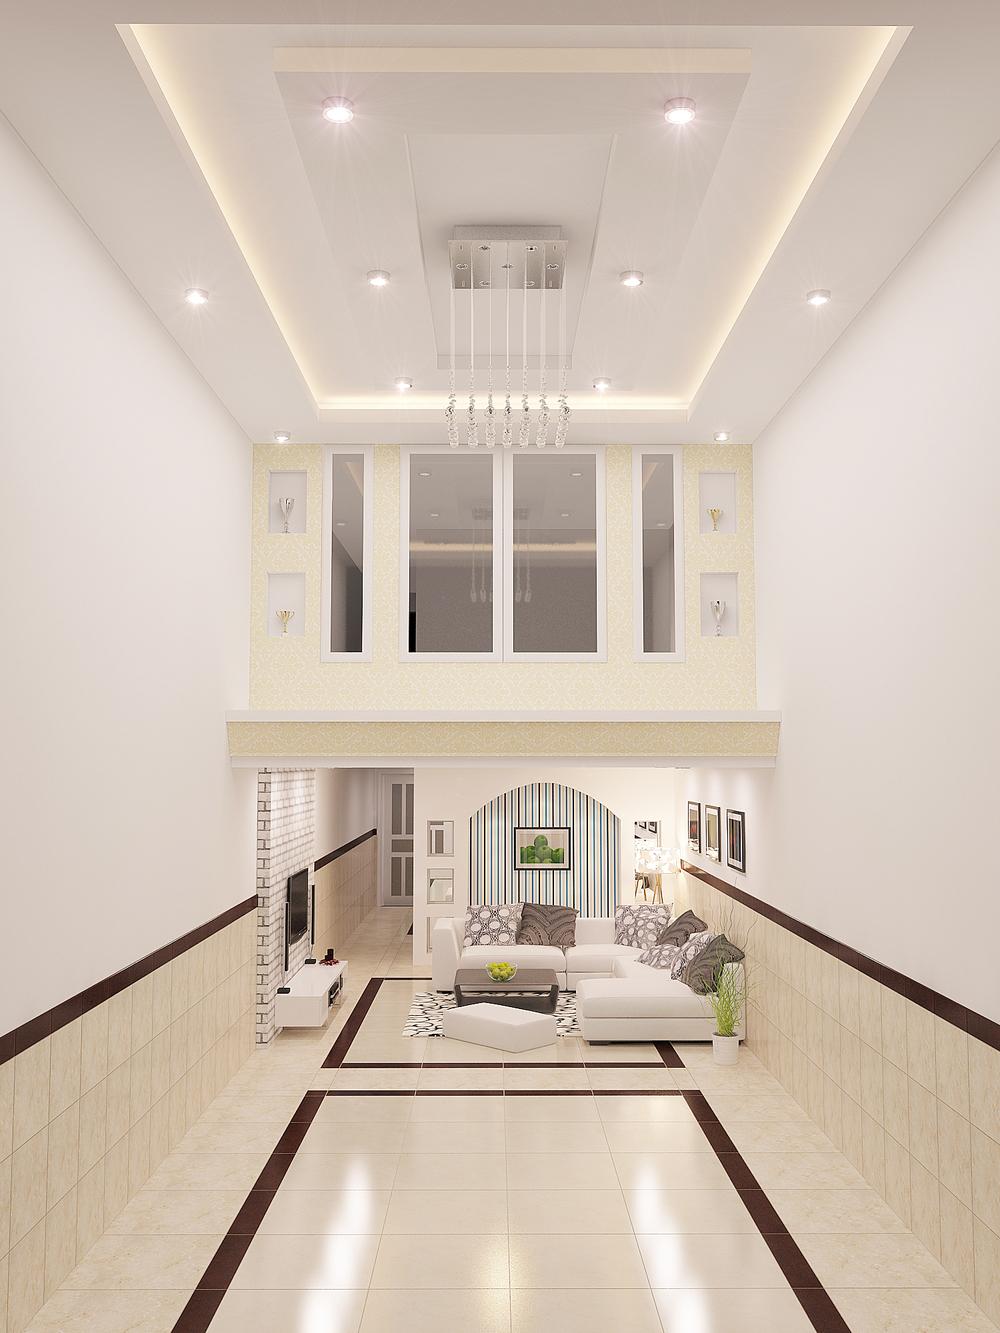 boreymkpplivingroom.jpg